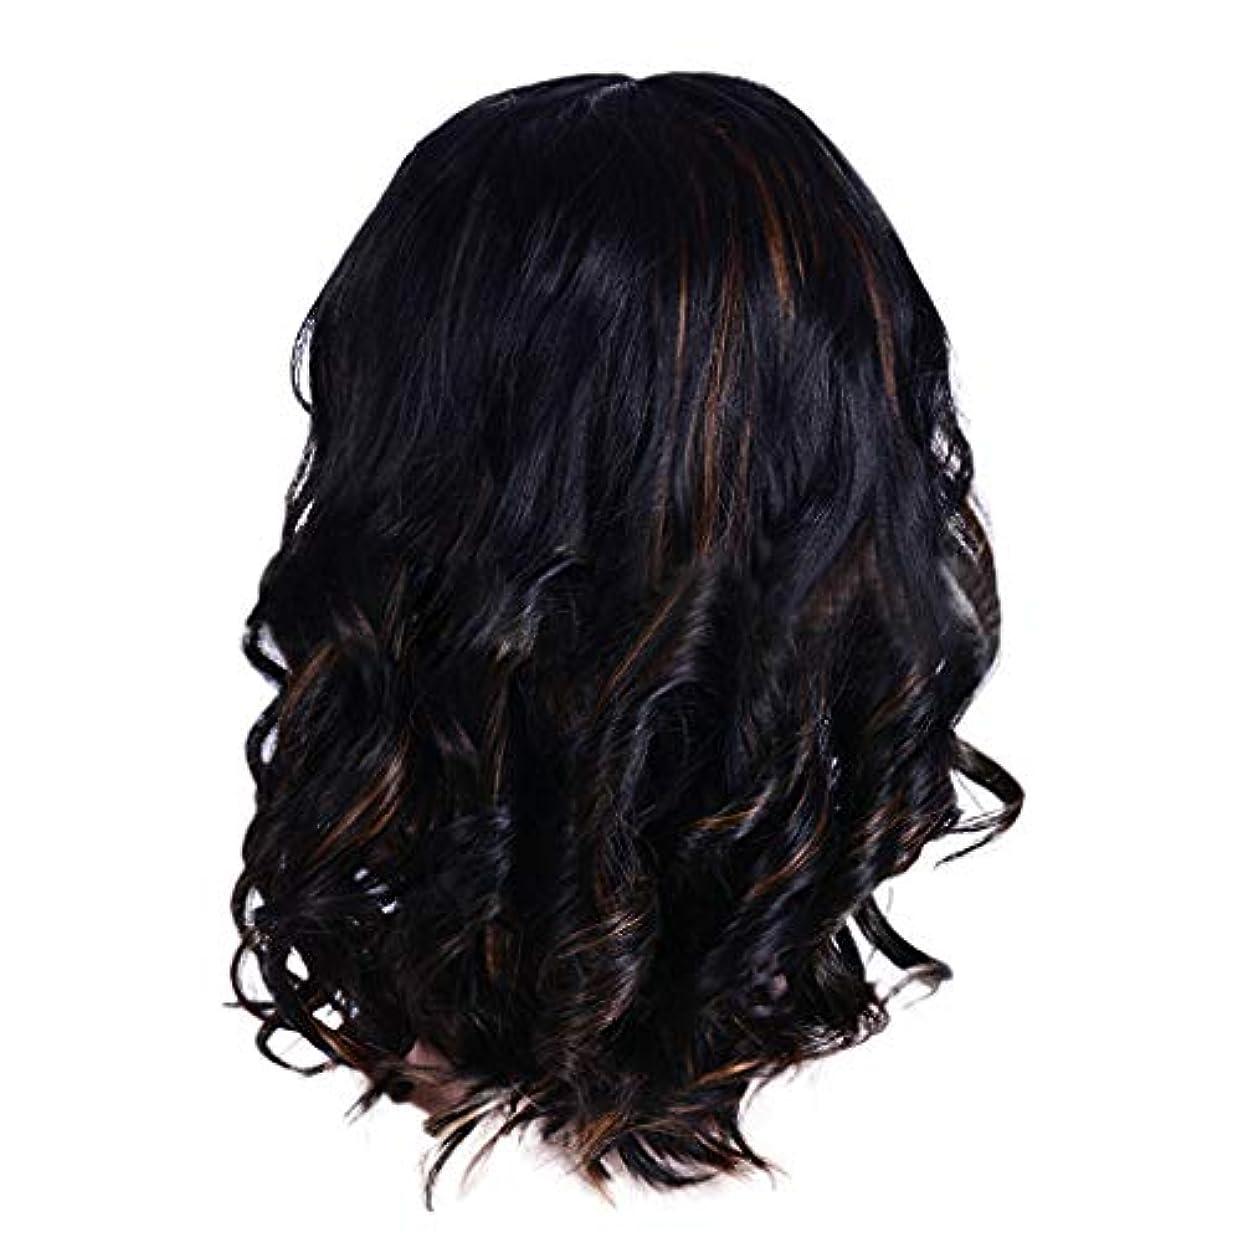 理容師ドック痛みウィッグの女性の短い巻き毛の黒ボブエレガントなファッションウィッグ